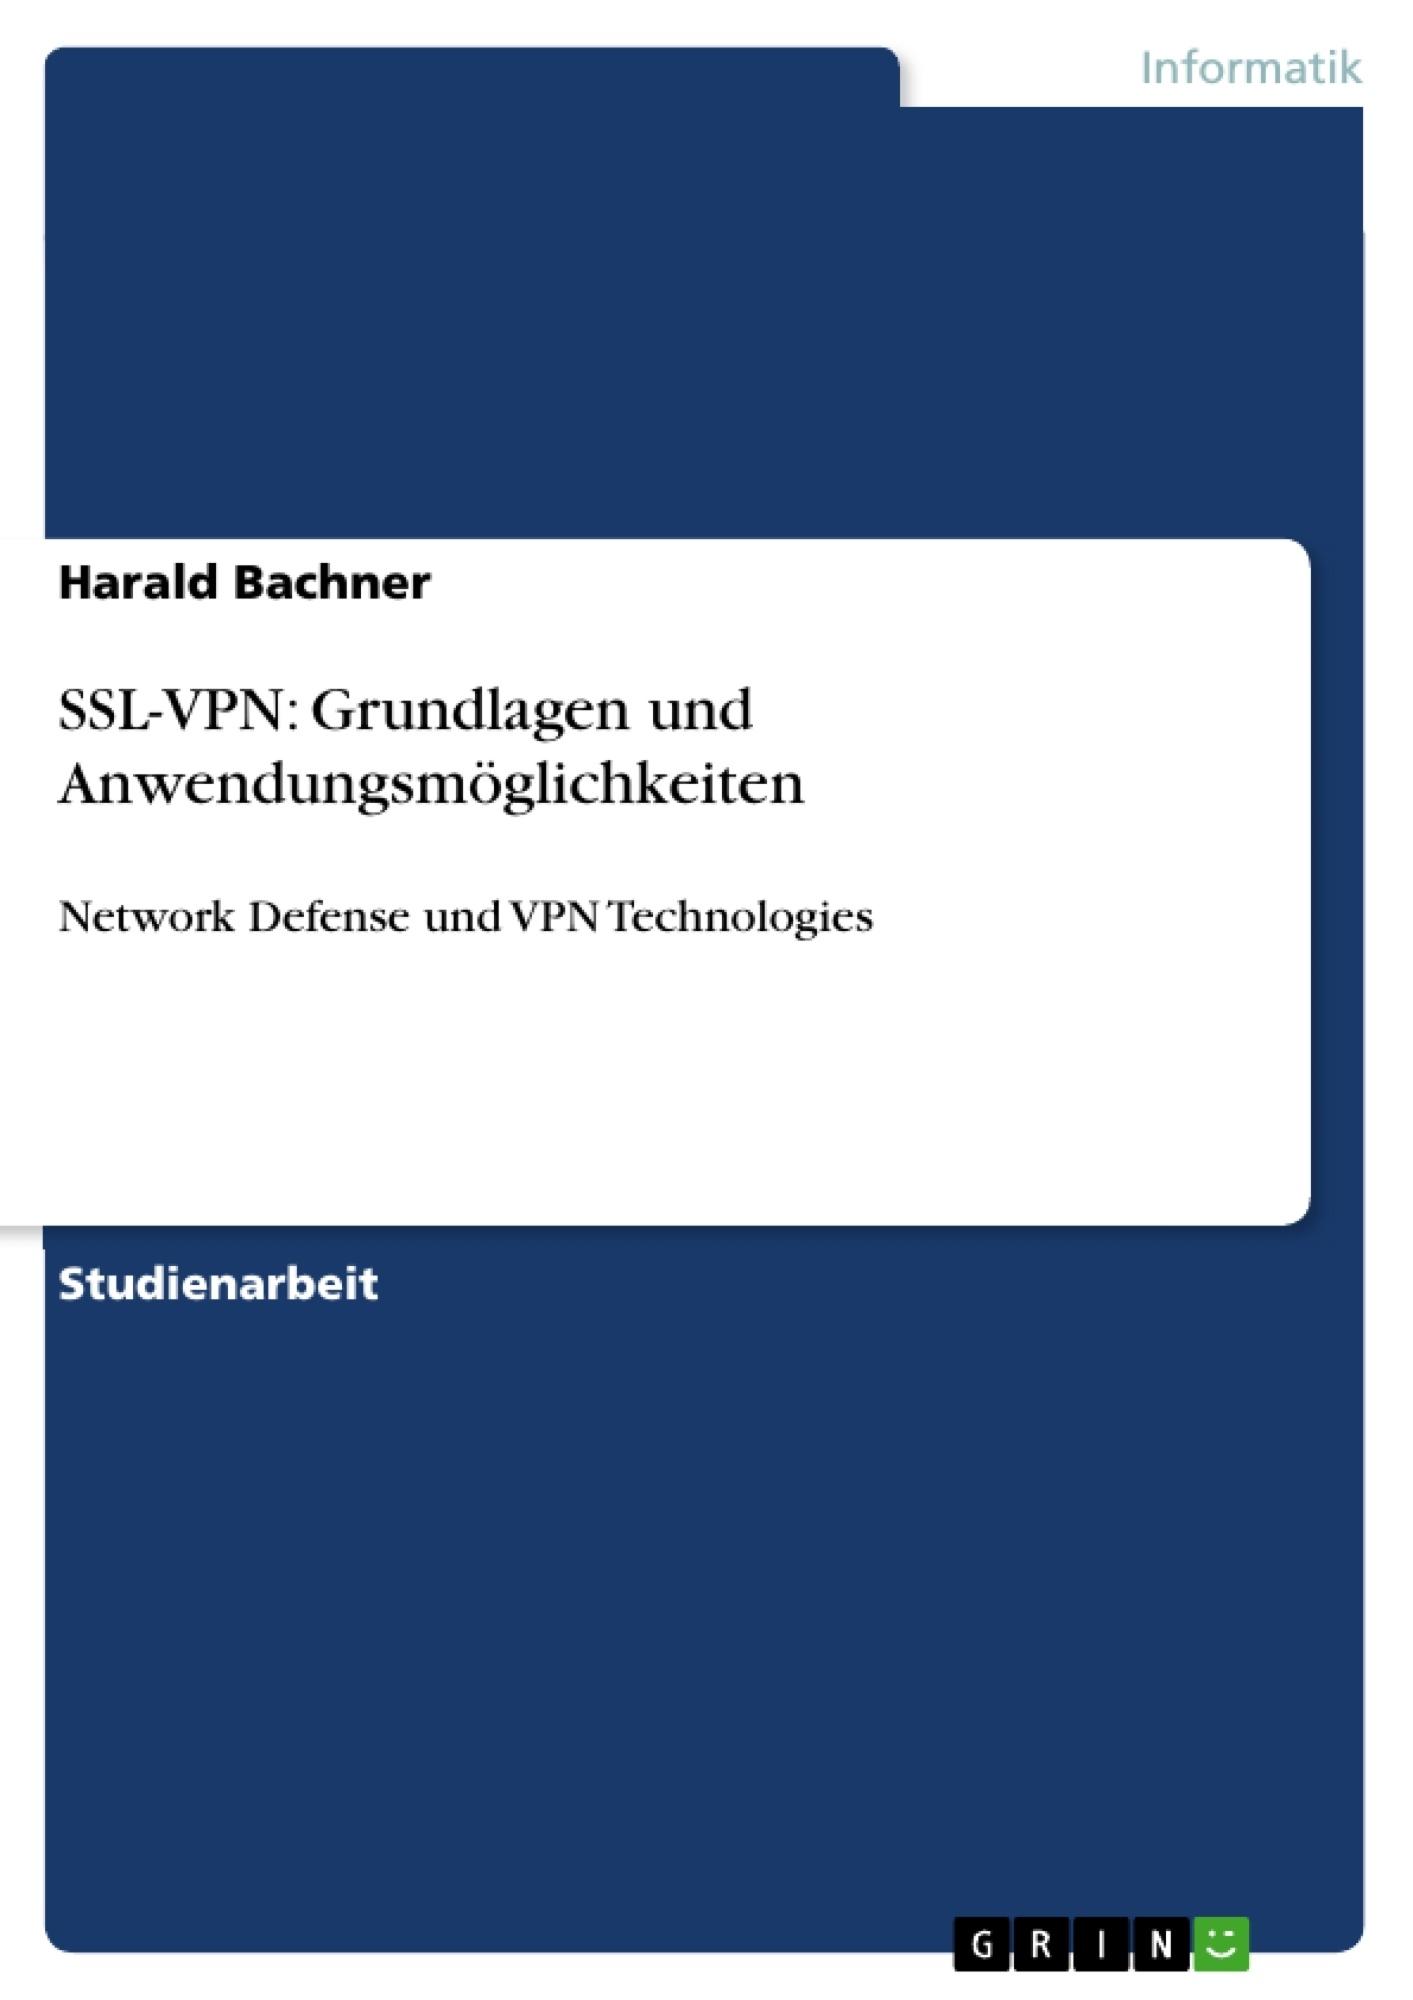 Titel: SSL-VPN: Grundlagen und Anwendungsmöglichkeiten